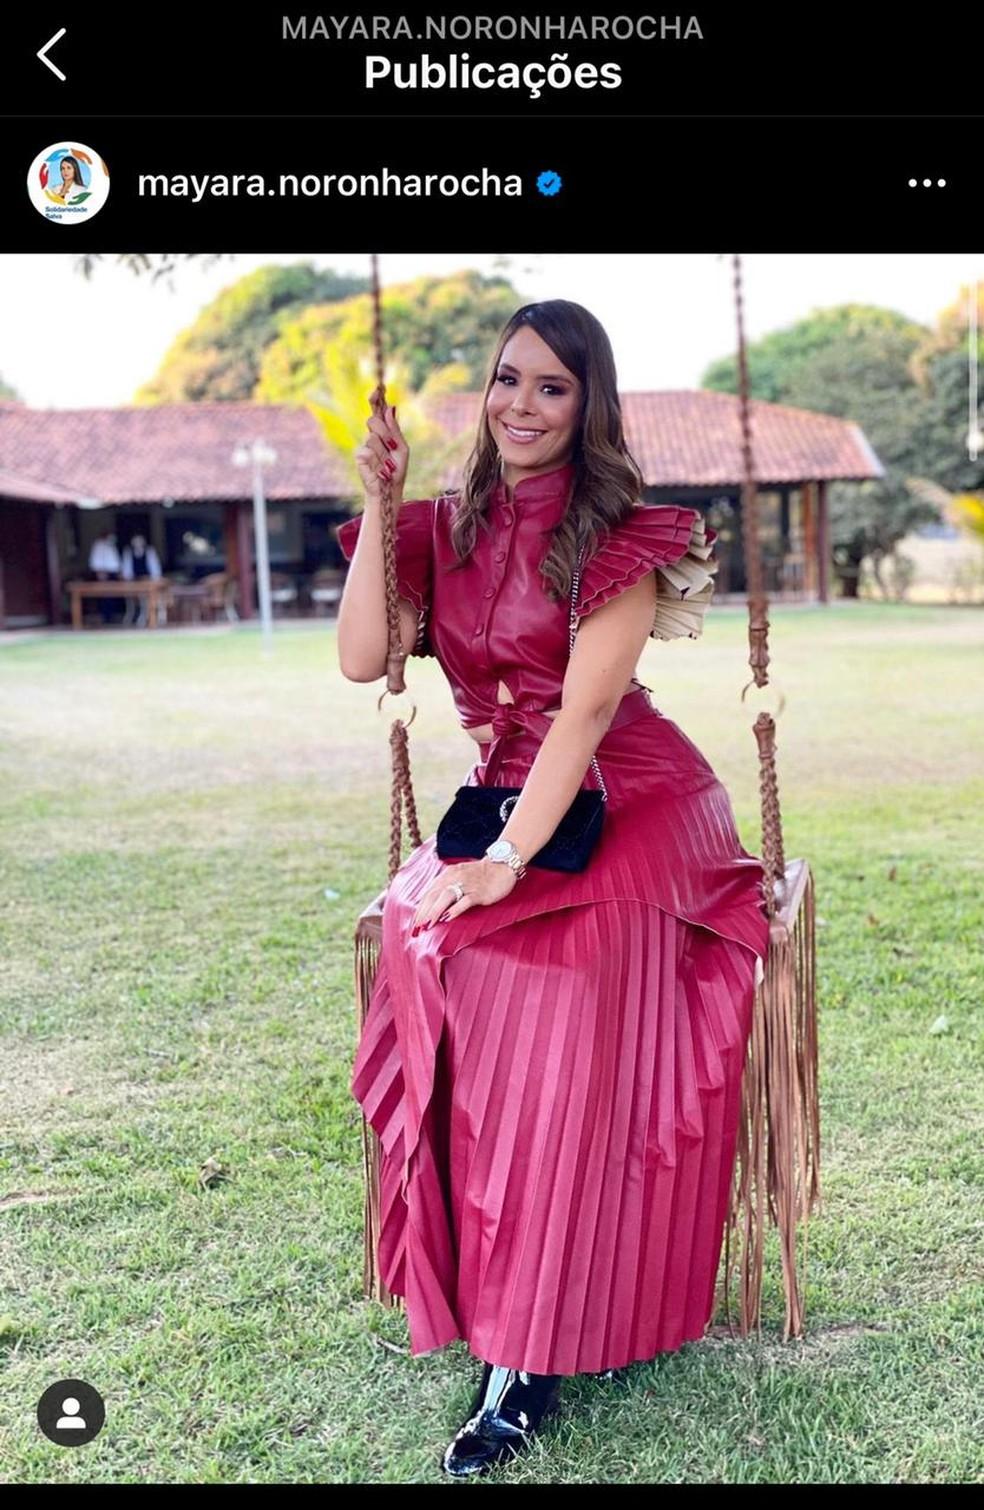 Primeira-dama Mayara Noronha em festa de aniversário do governador Ibaneis Rocha — Foto: Instagram/Reprodução